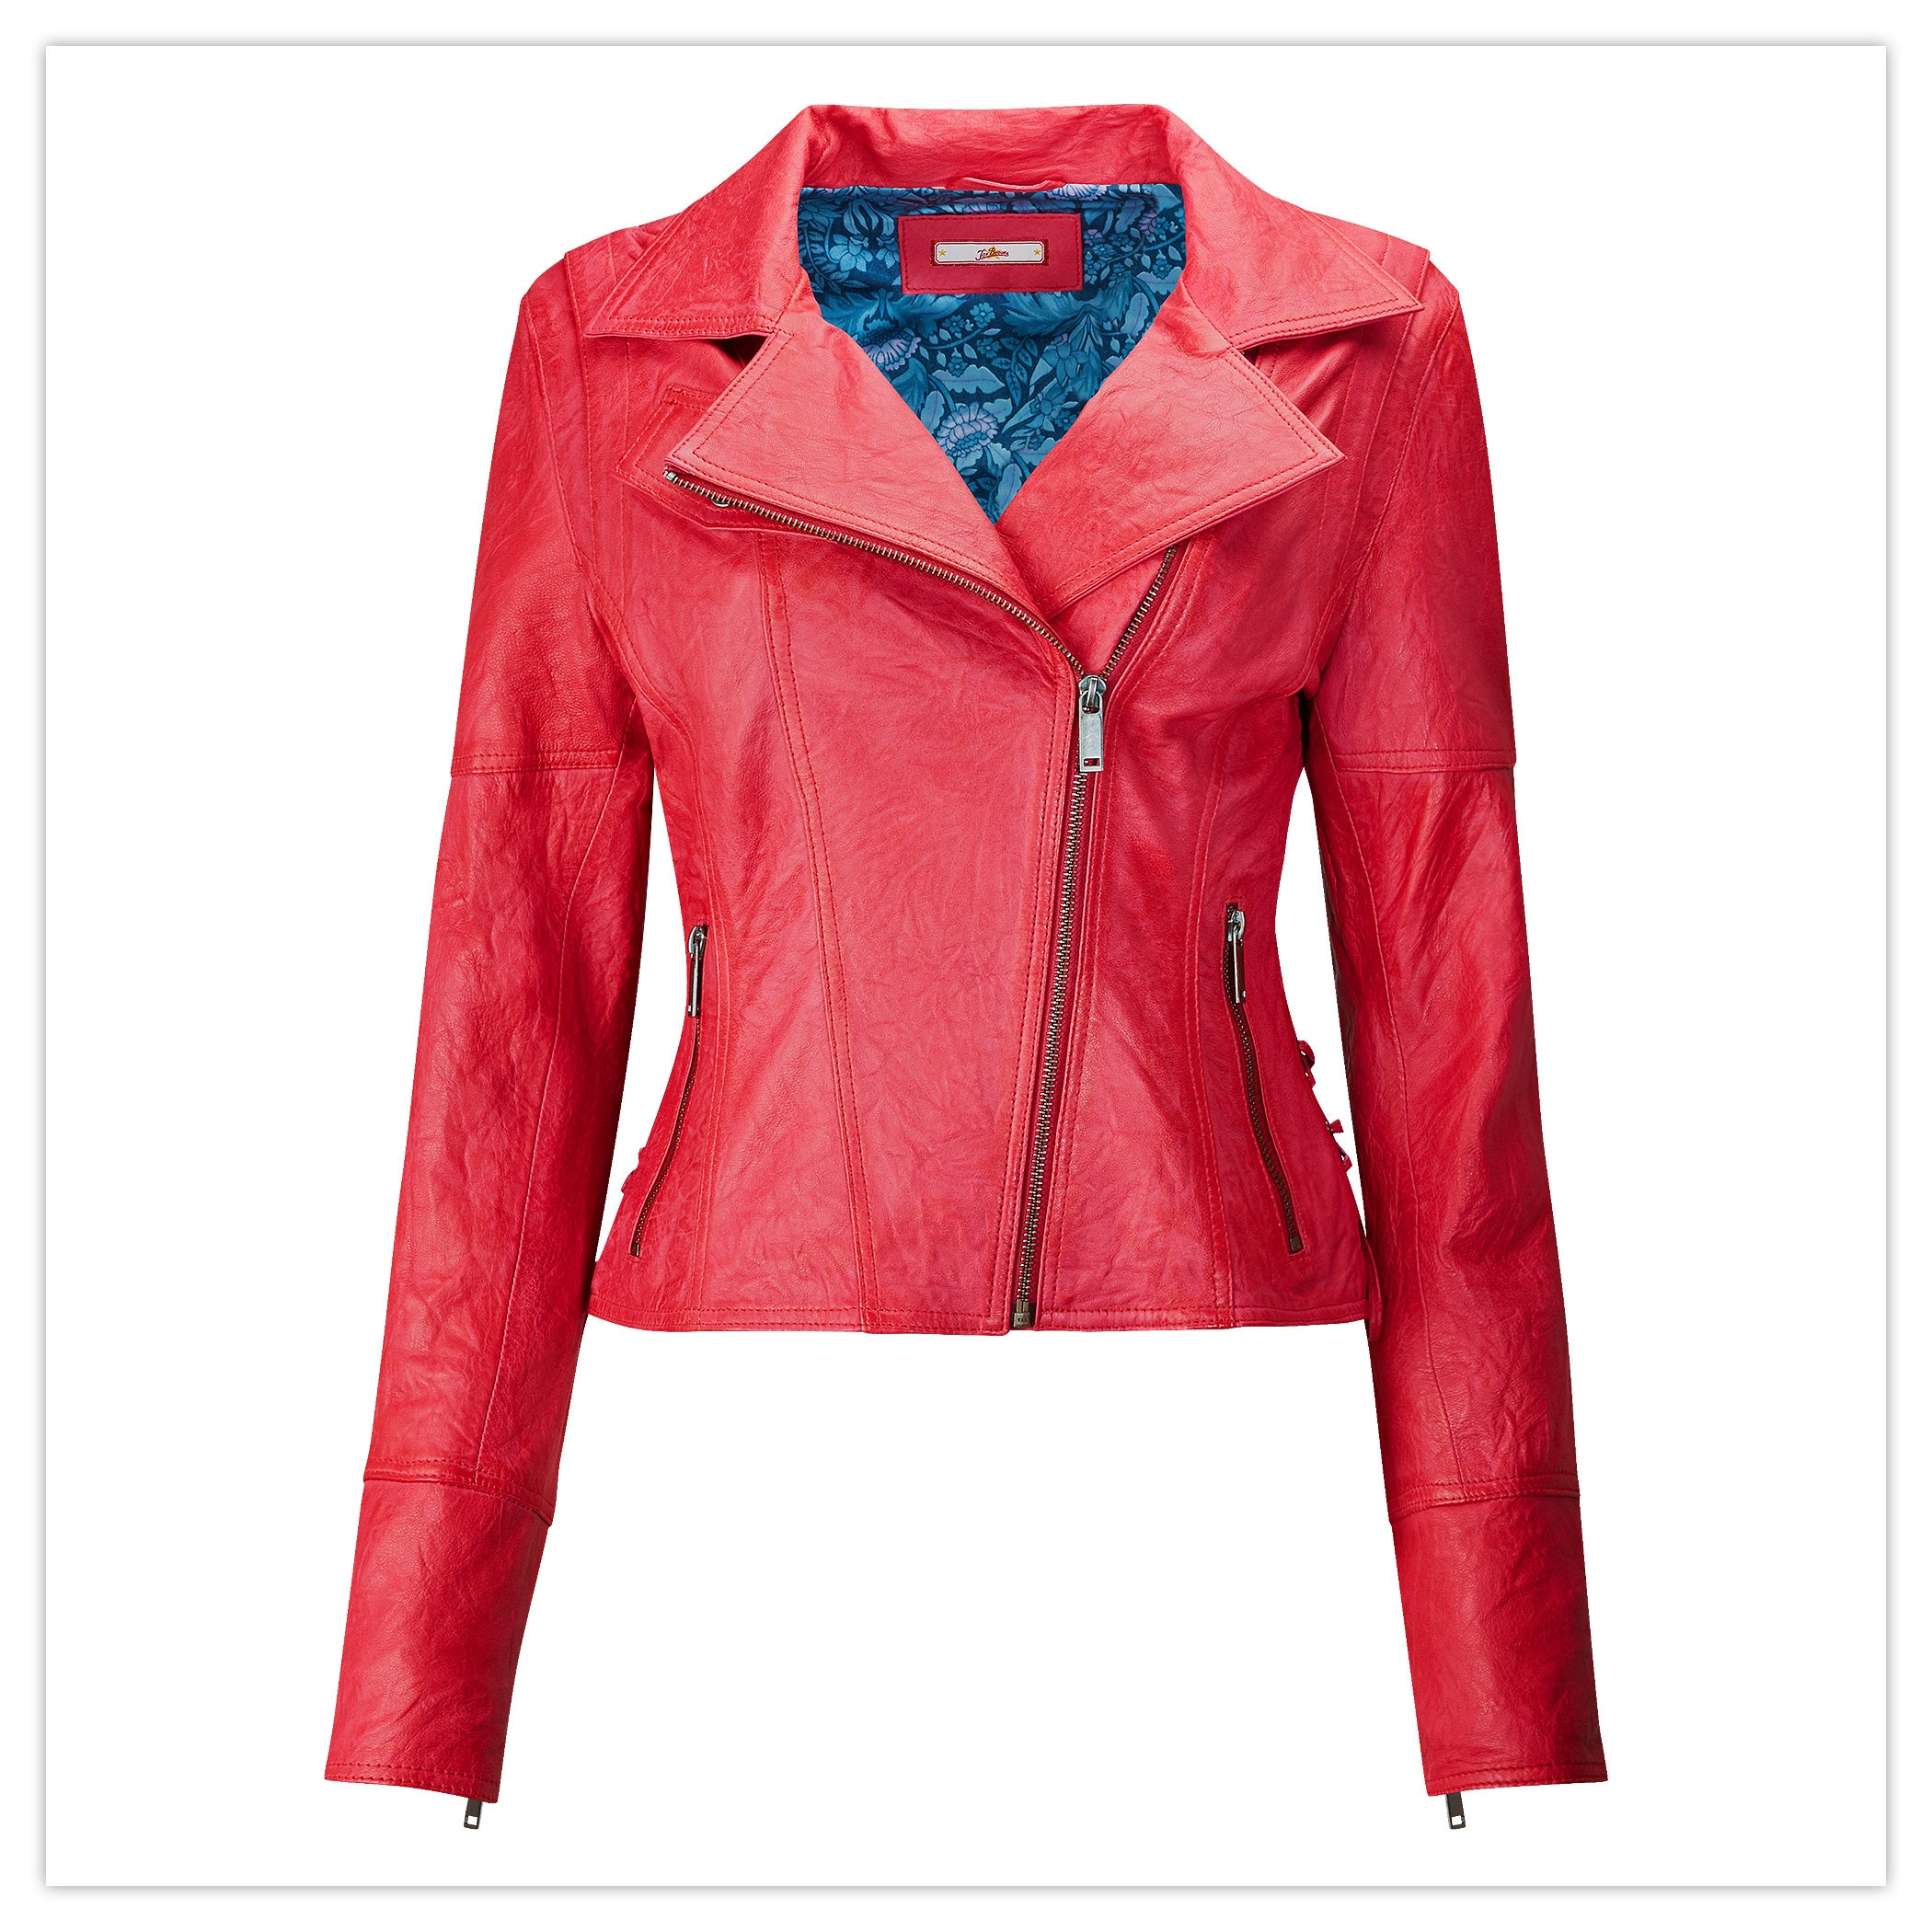 Joe's Funky Leather Jacket in Pink